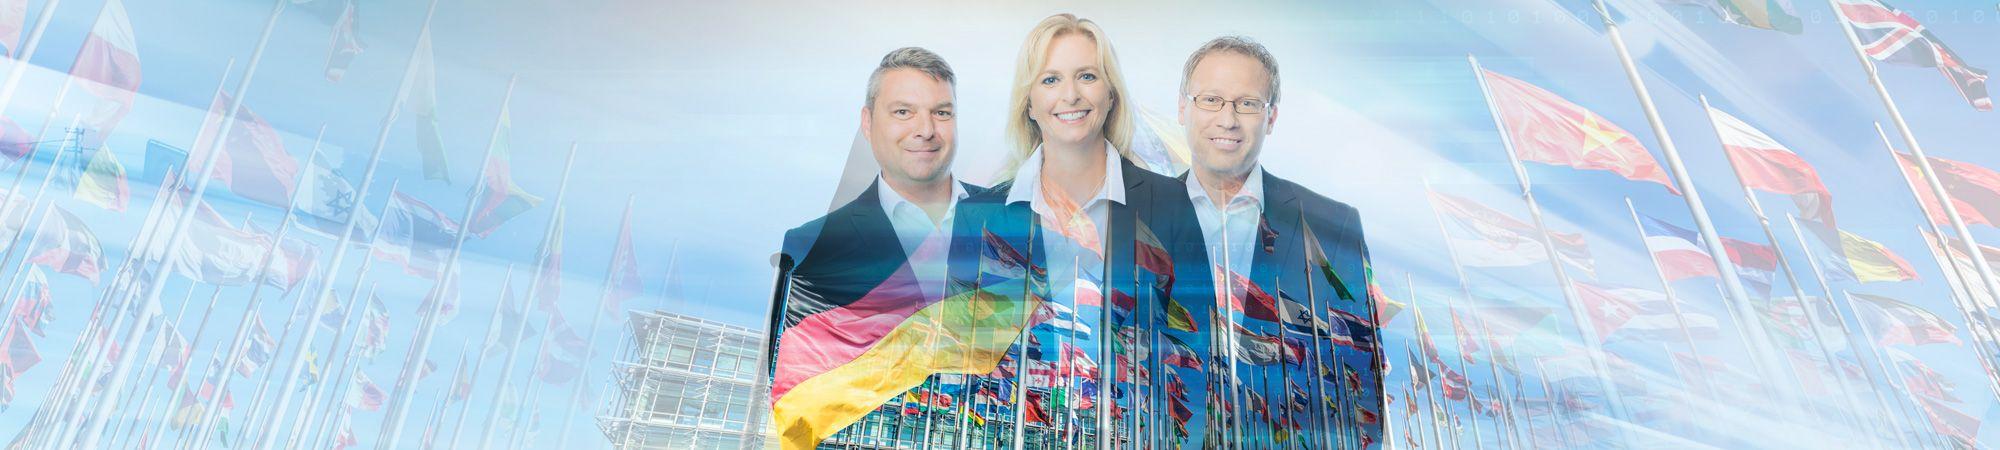 ALWsystem und EBVsystem – Praxisorientierte Unterstützung für Ihre ausländer- und einbürgerungsrelevanten Aufgaben